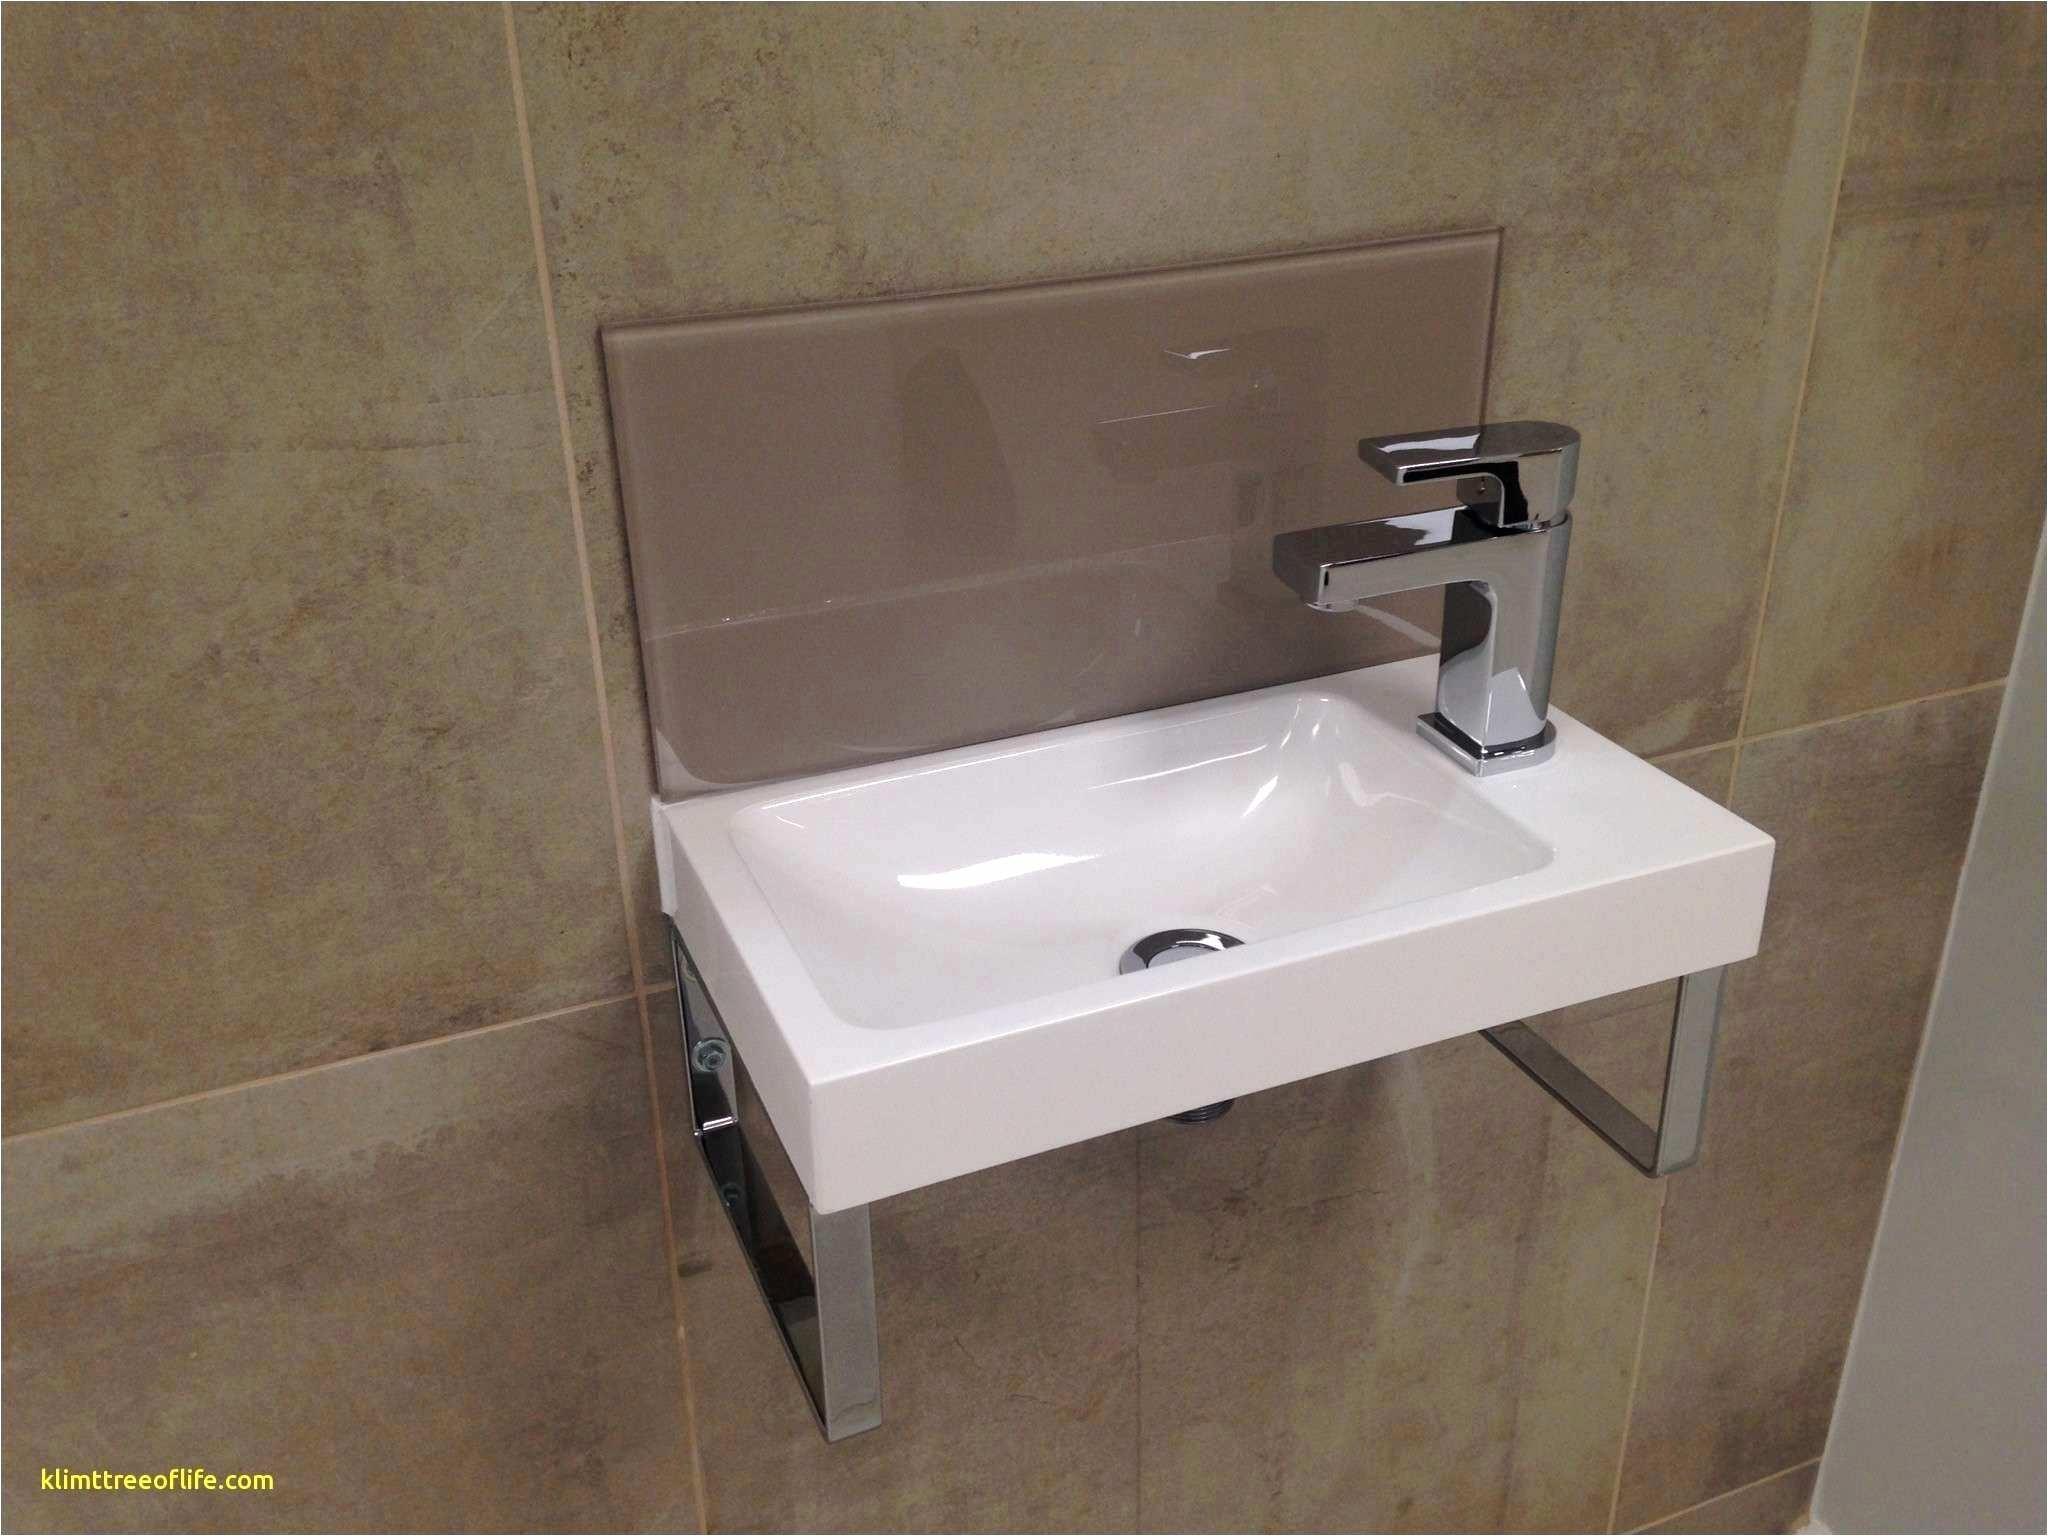 Artistic Designer Bathroom Rugs In Best Flooring for Kitchens Lovely Floor Tiles Mosaic Bathroom 0d New